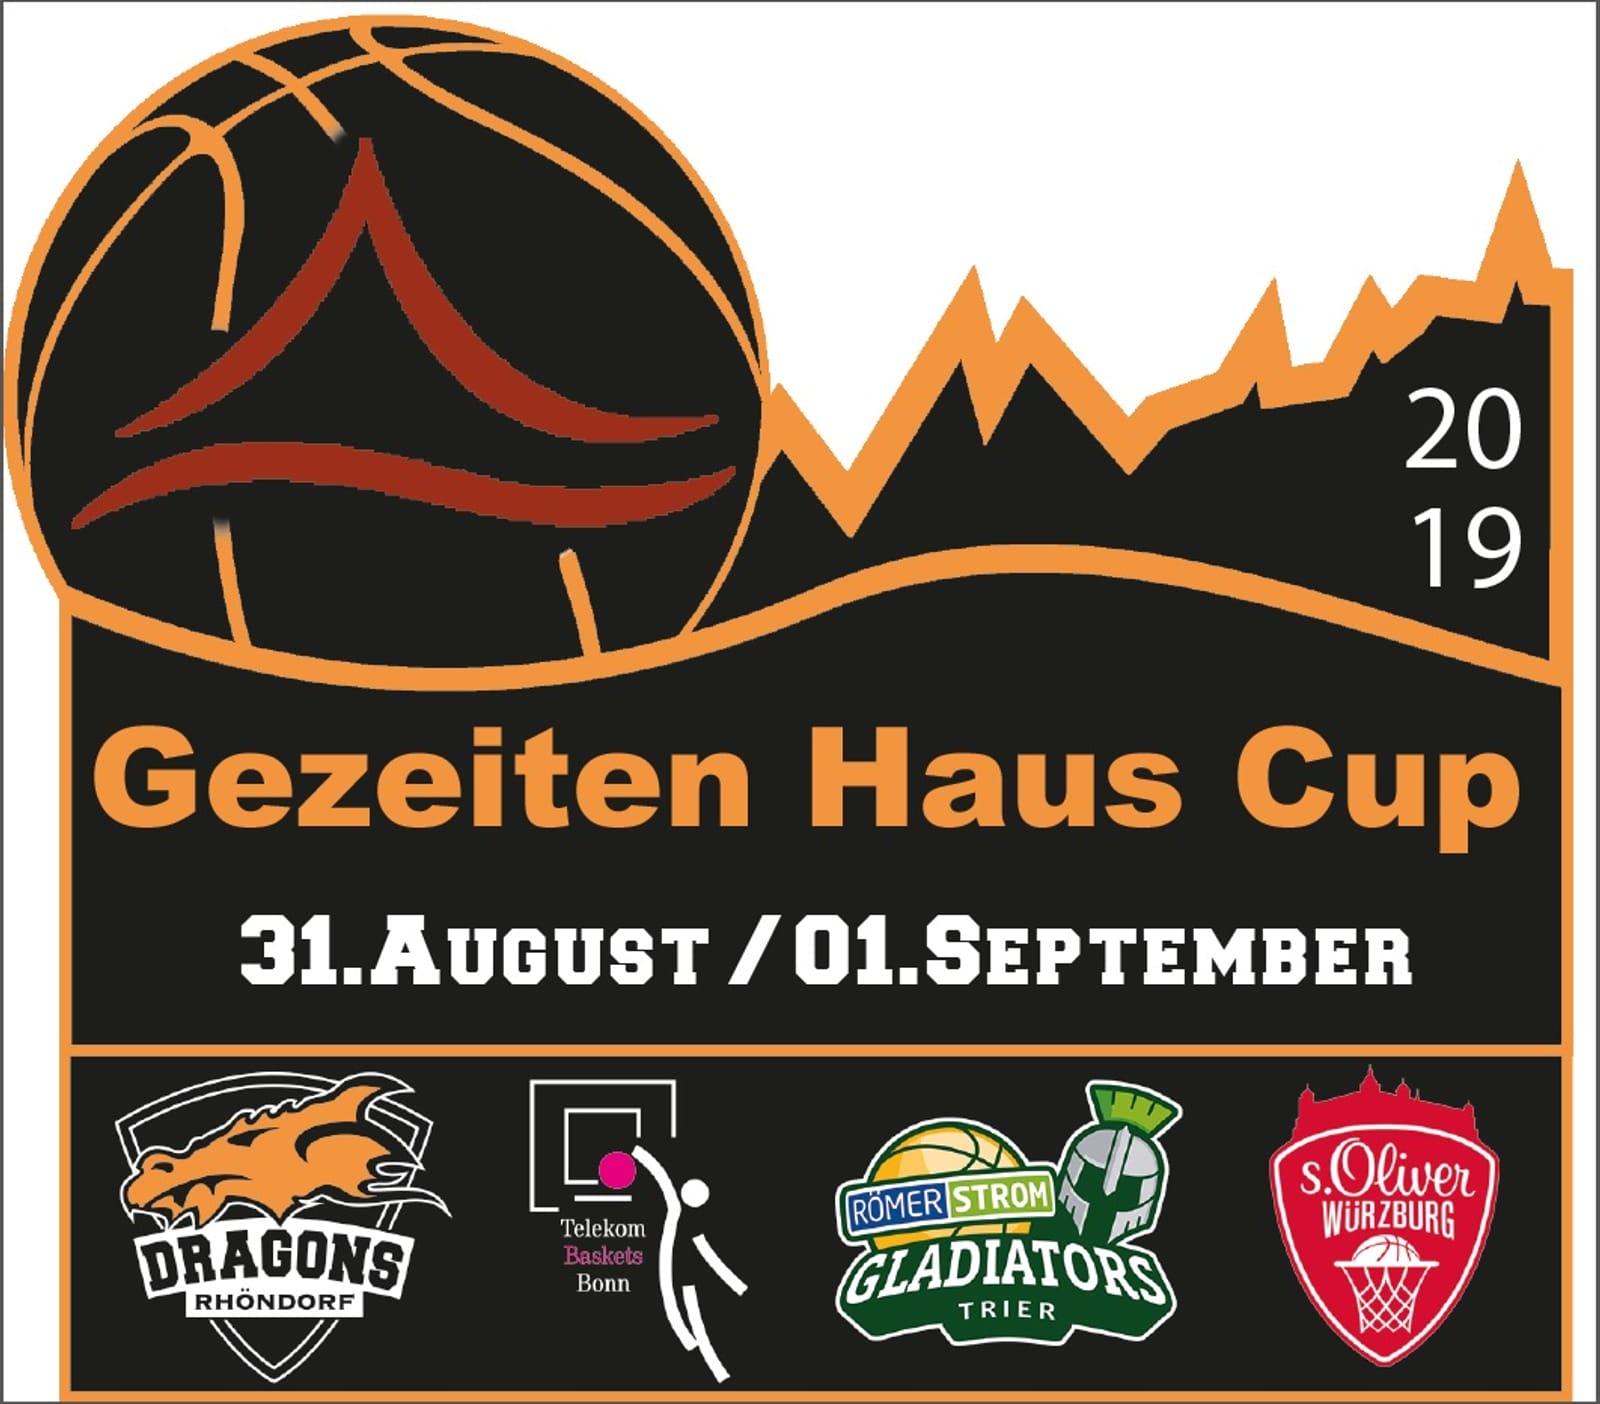 Gezeiten-Haus Cup 2019  Sonntag